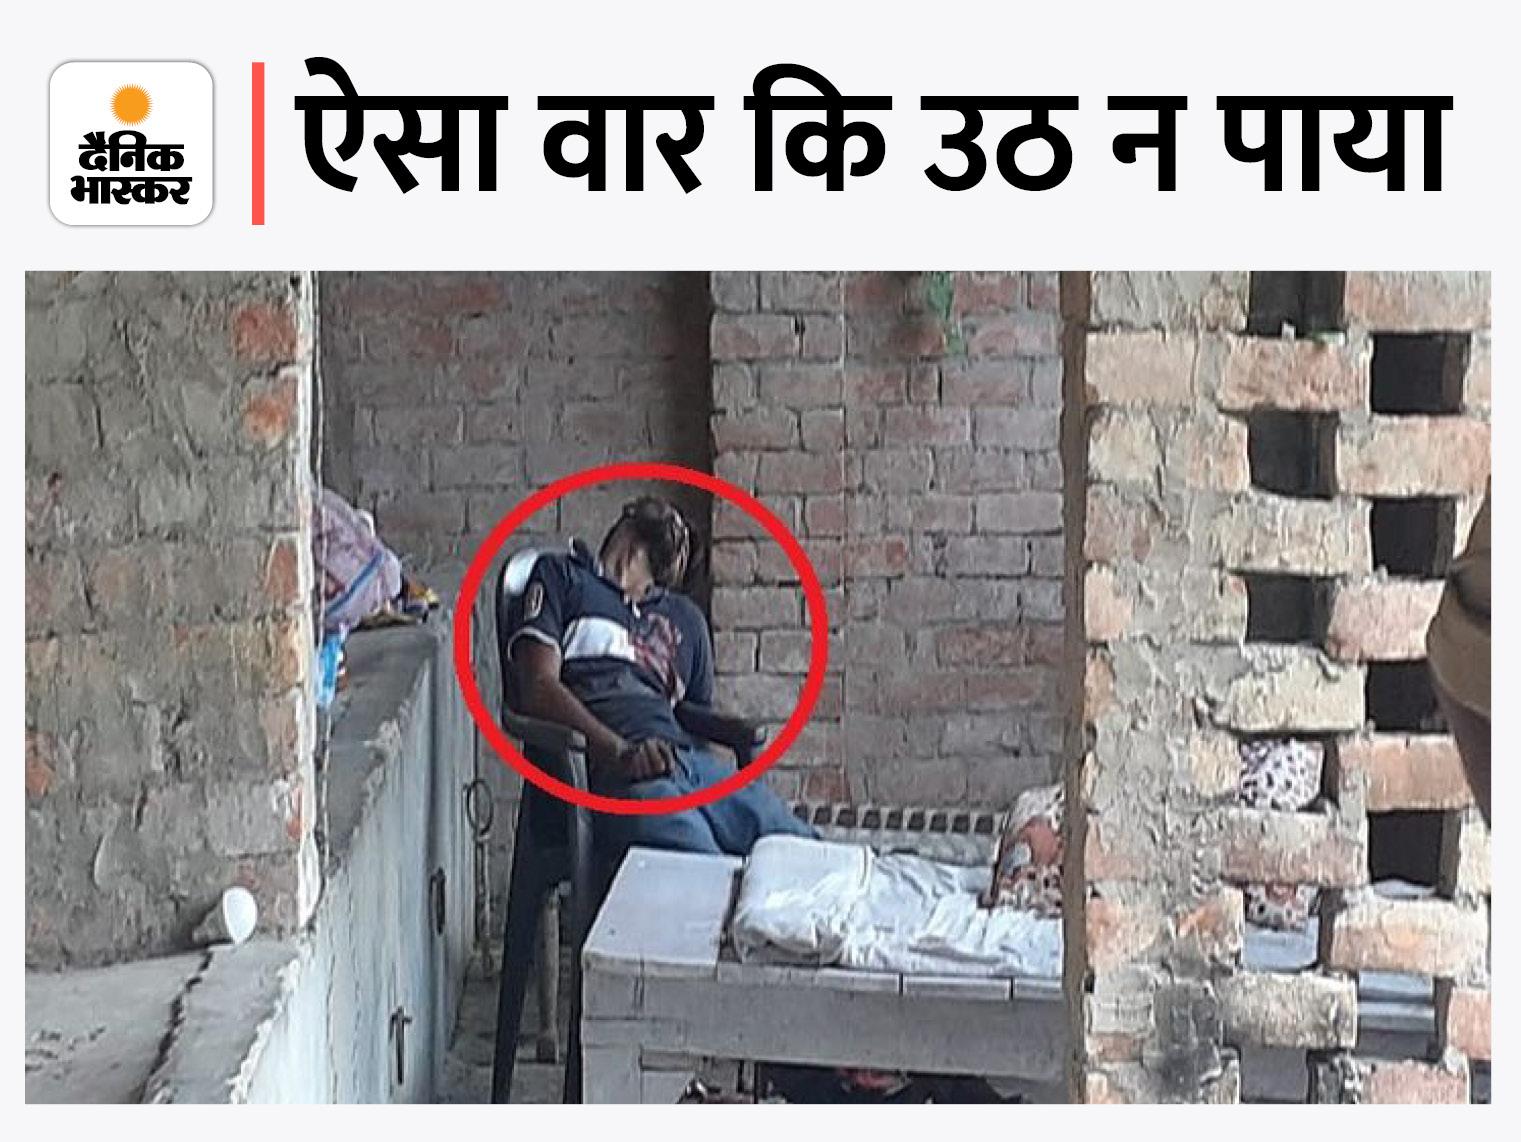 जिस वक्त एसपी दूसरी हत्या का खुलासा कर रहे थे, तभी सिर पर वार करके युवक को मार डाला|वाराणसी,Varanasi - Dainik Bhaskar